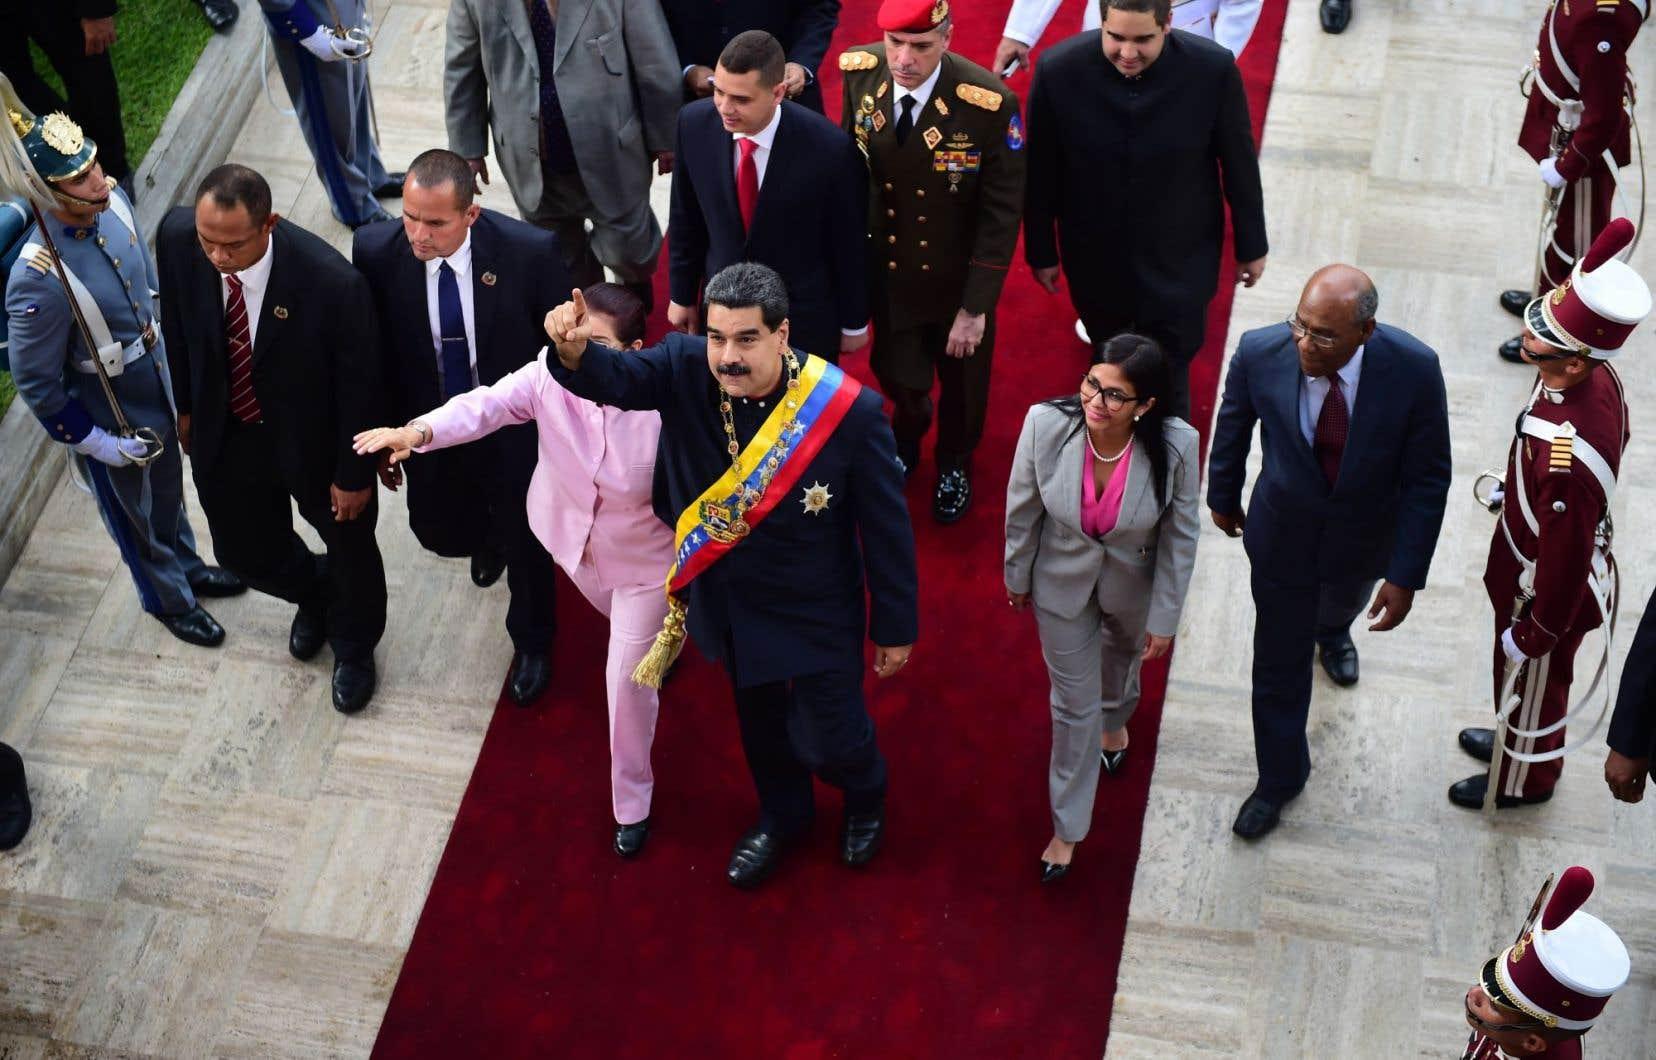 Le gouvernement du président Nicolás Maduro, aux prises avec une vague de manifestations qui a fait 125 morts en 4 mois, a accusé Donald Trump de mettre en péril la paix et la stabilité en Amérique latine.